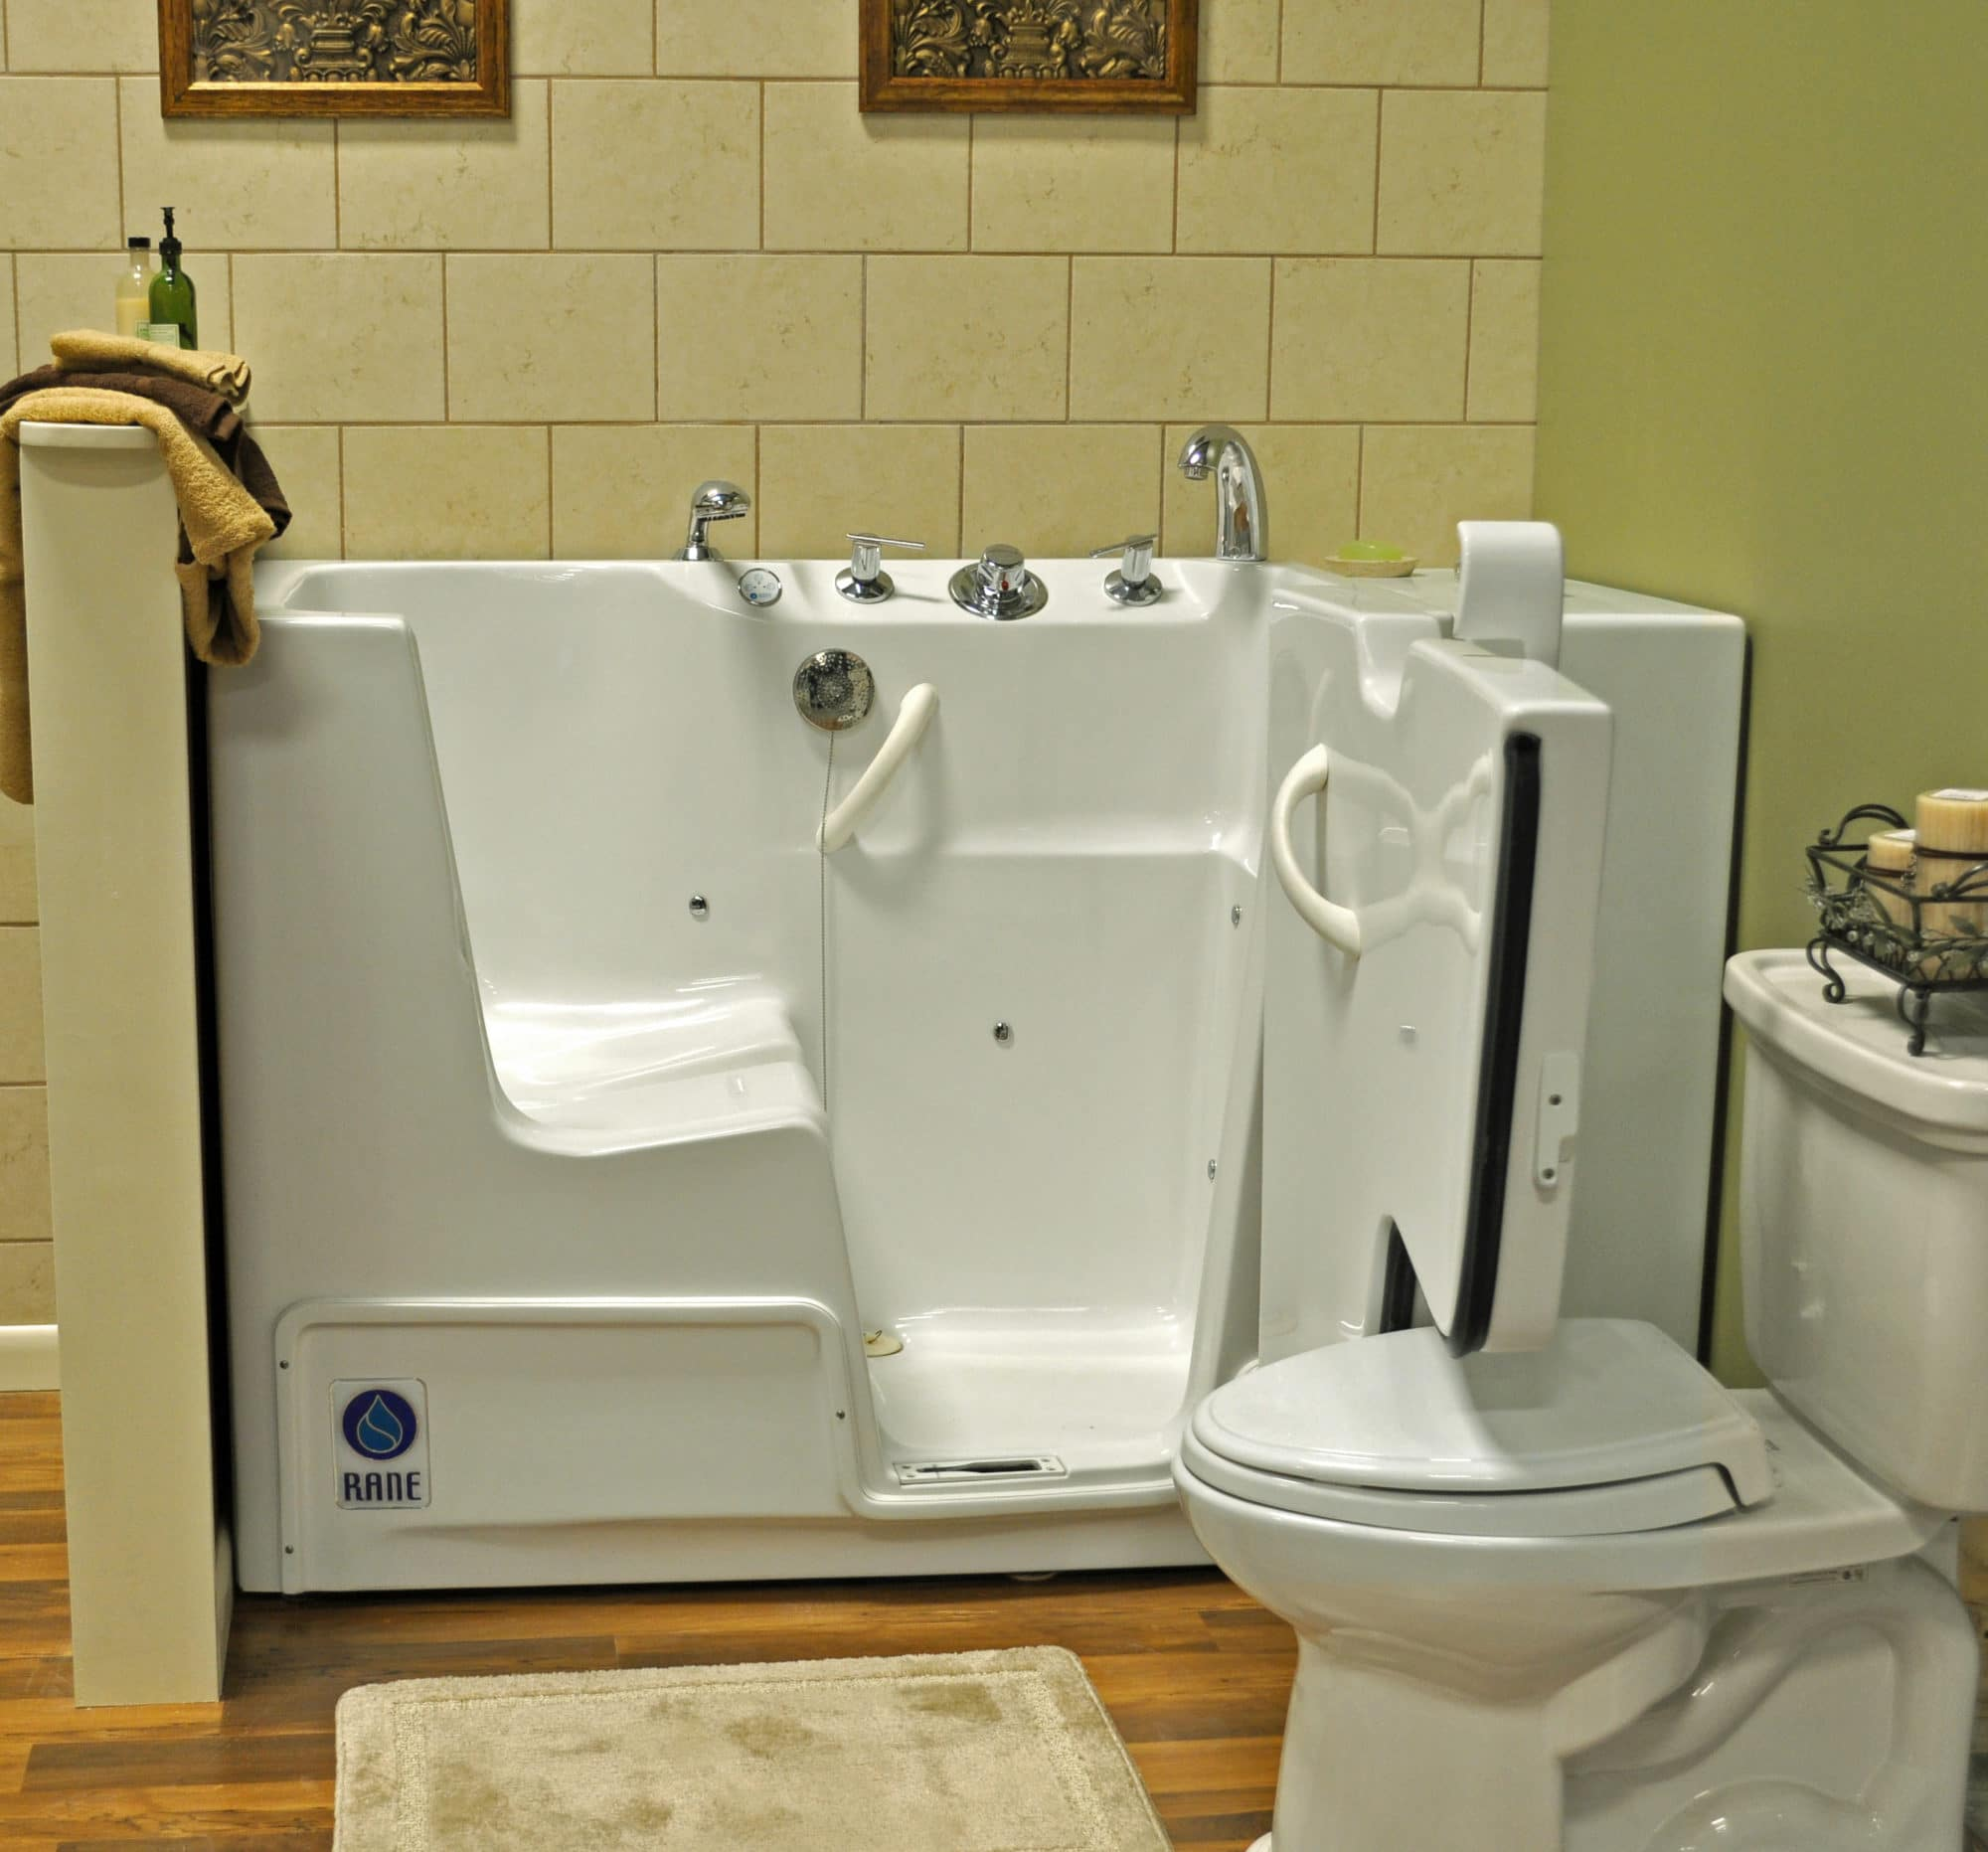 Sierra Remodeling bathroom upgrade slide in tub – Sierra Remodeling